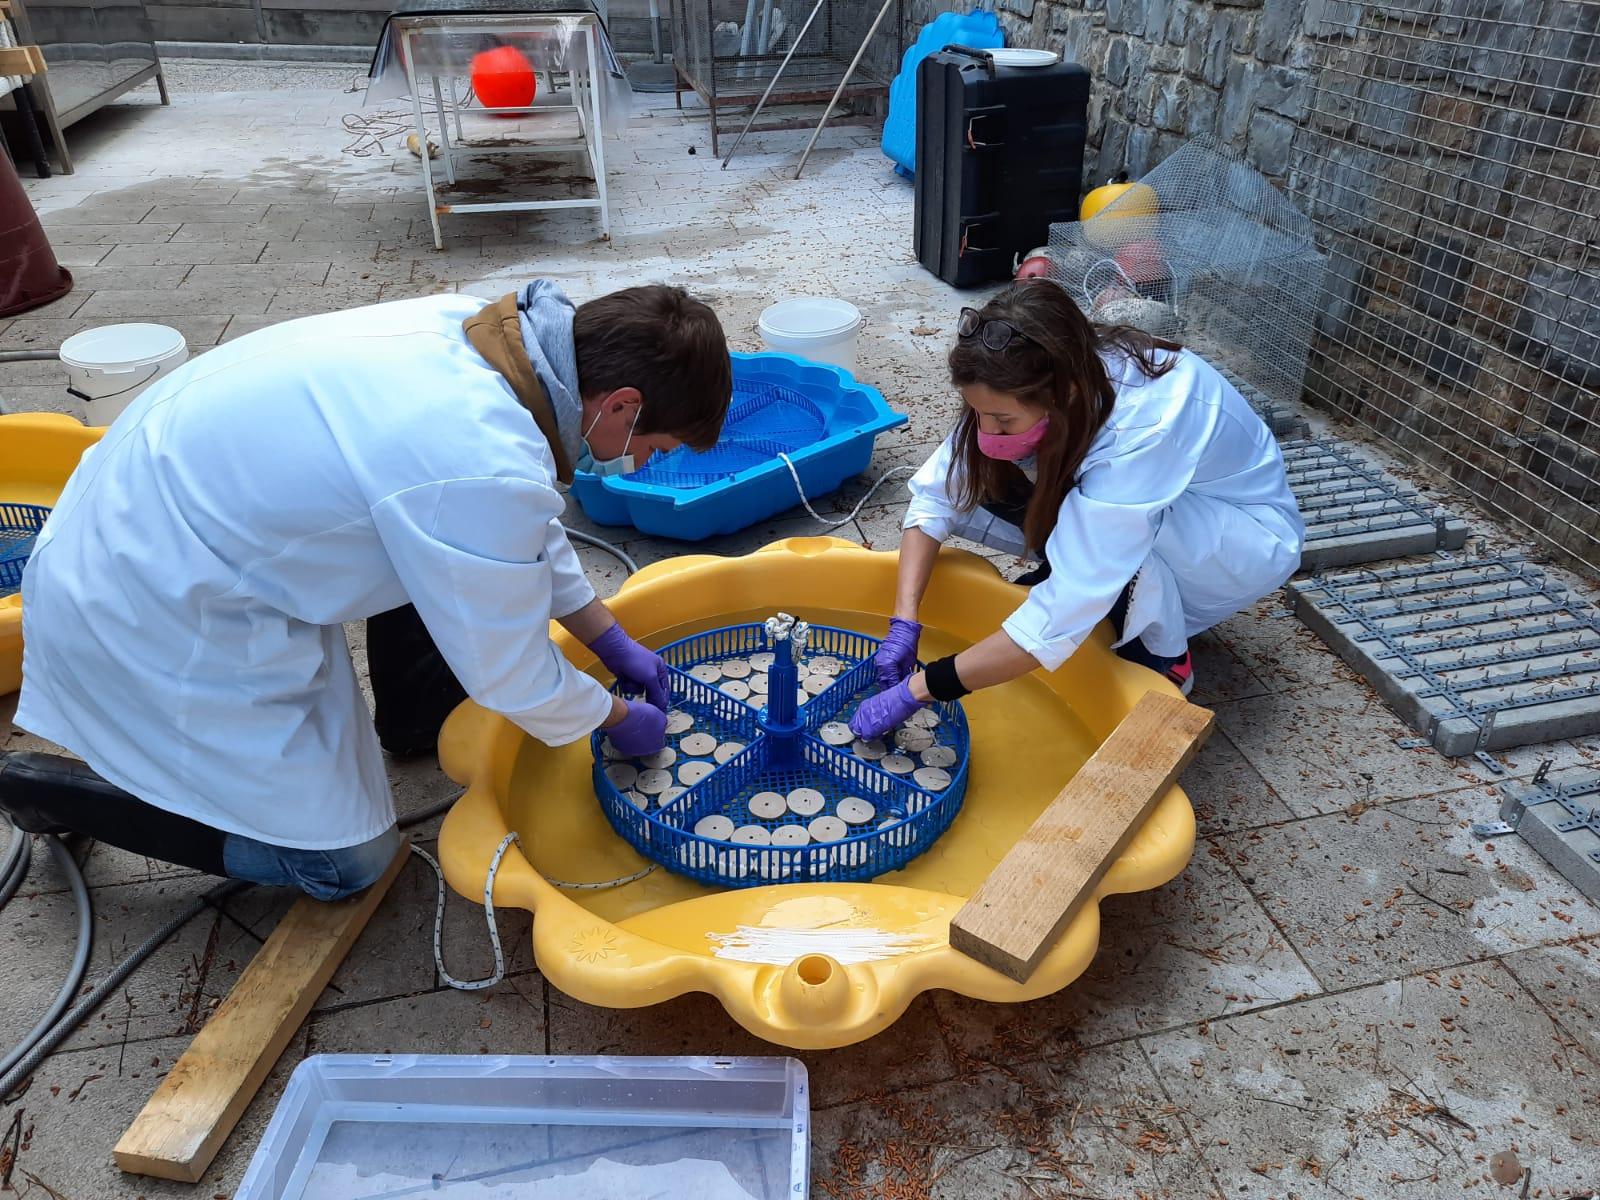 Raziskovalci bodo steljke alg nesli v morje